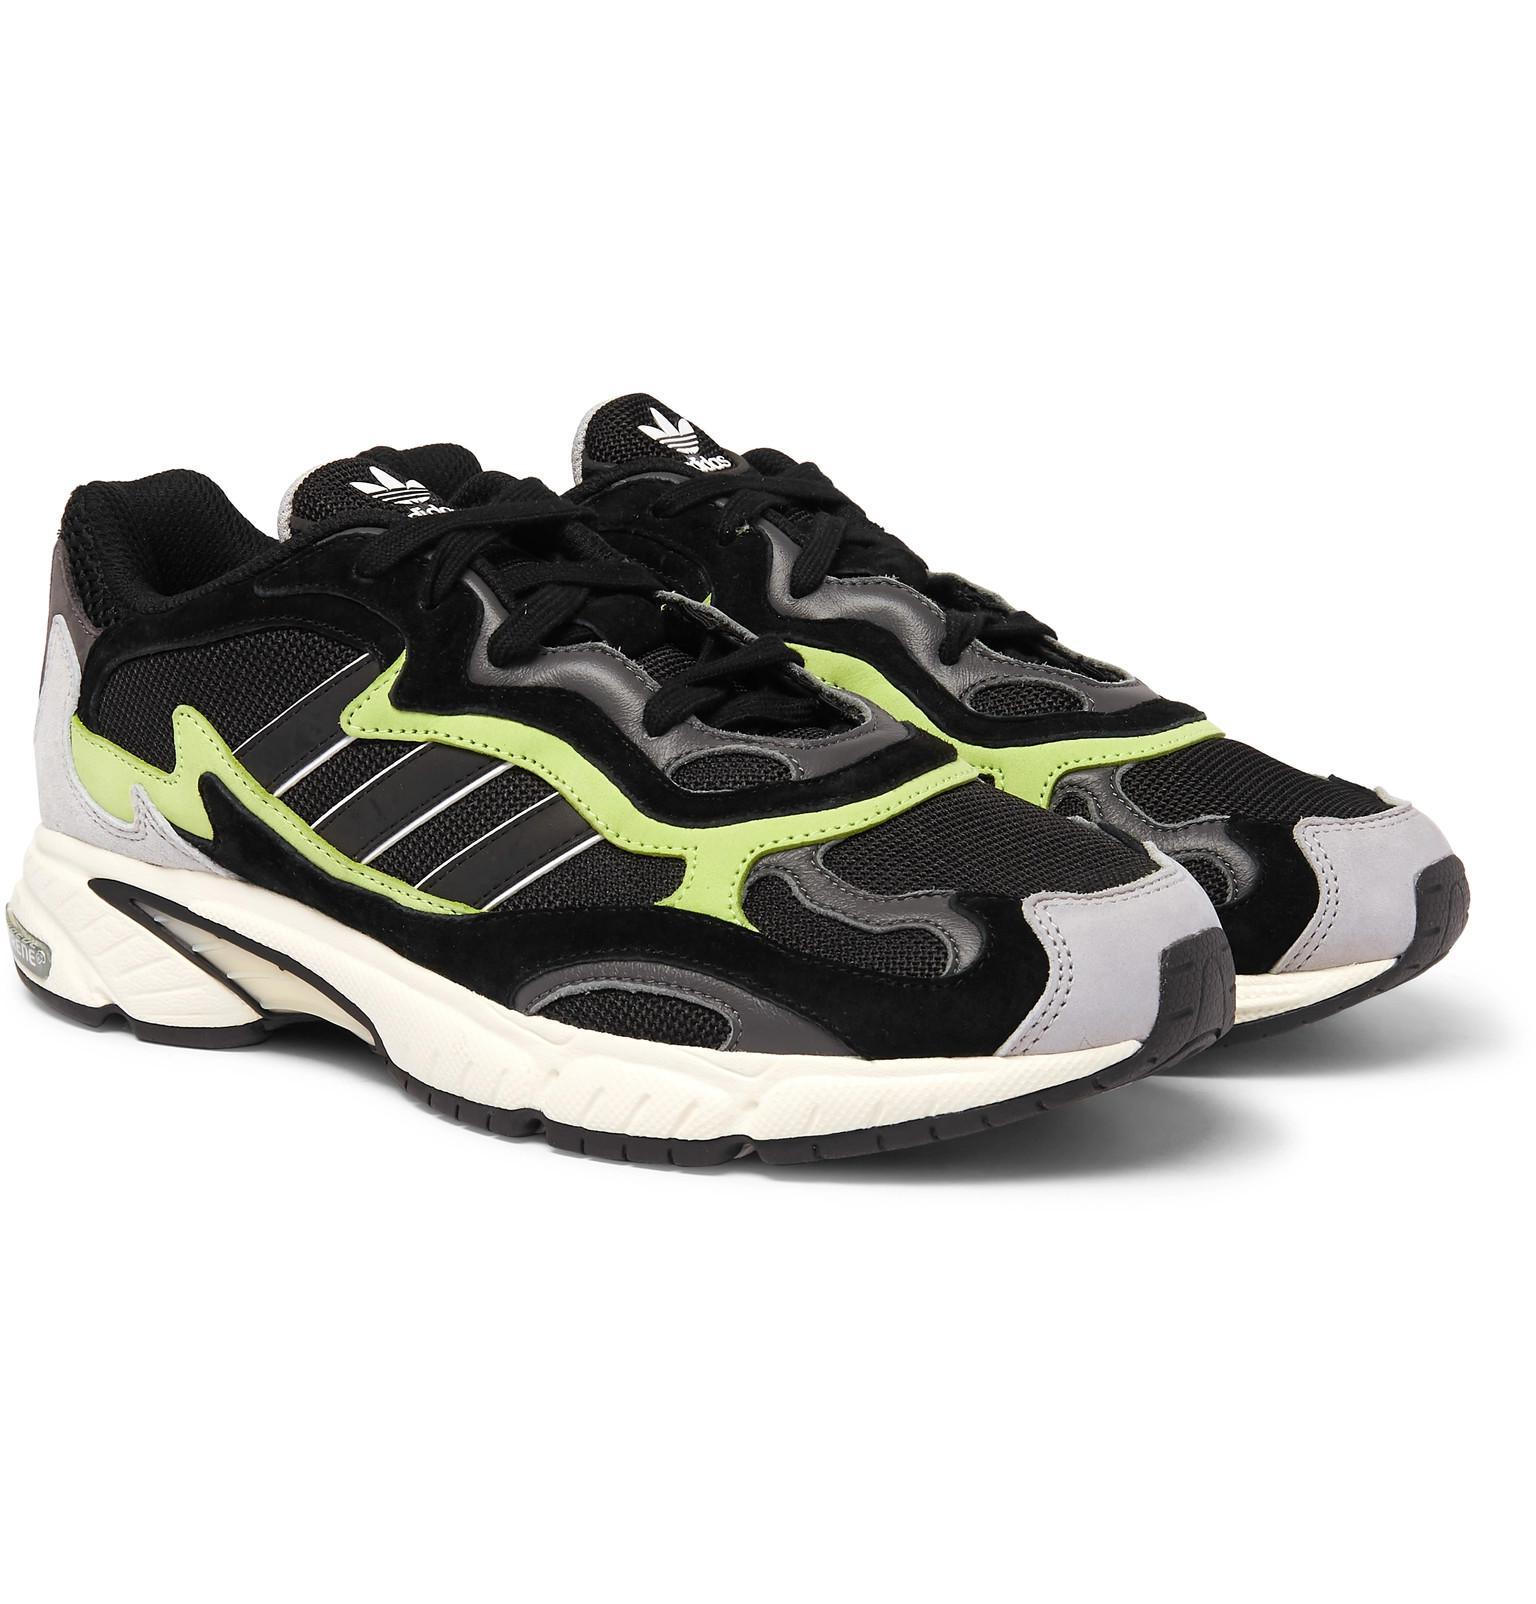 wholesale dealer 81642 ffa42 Adidas Originals - Black Temper Run Mesh And Suede Sneakers for Men - Lyst.  View fullscreen